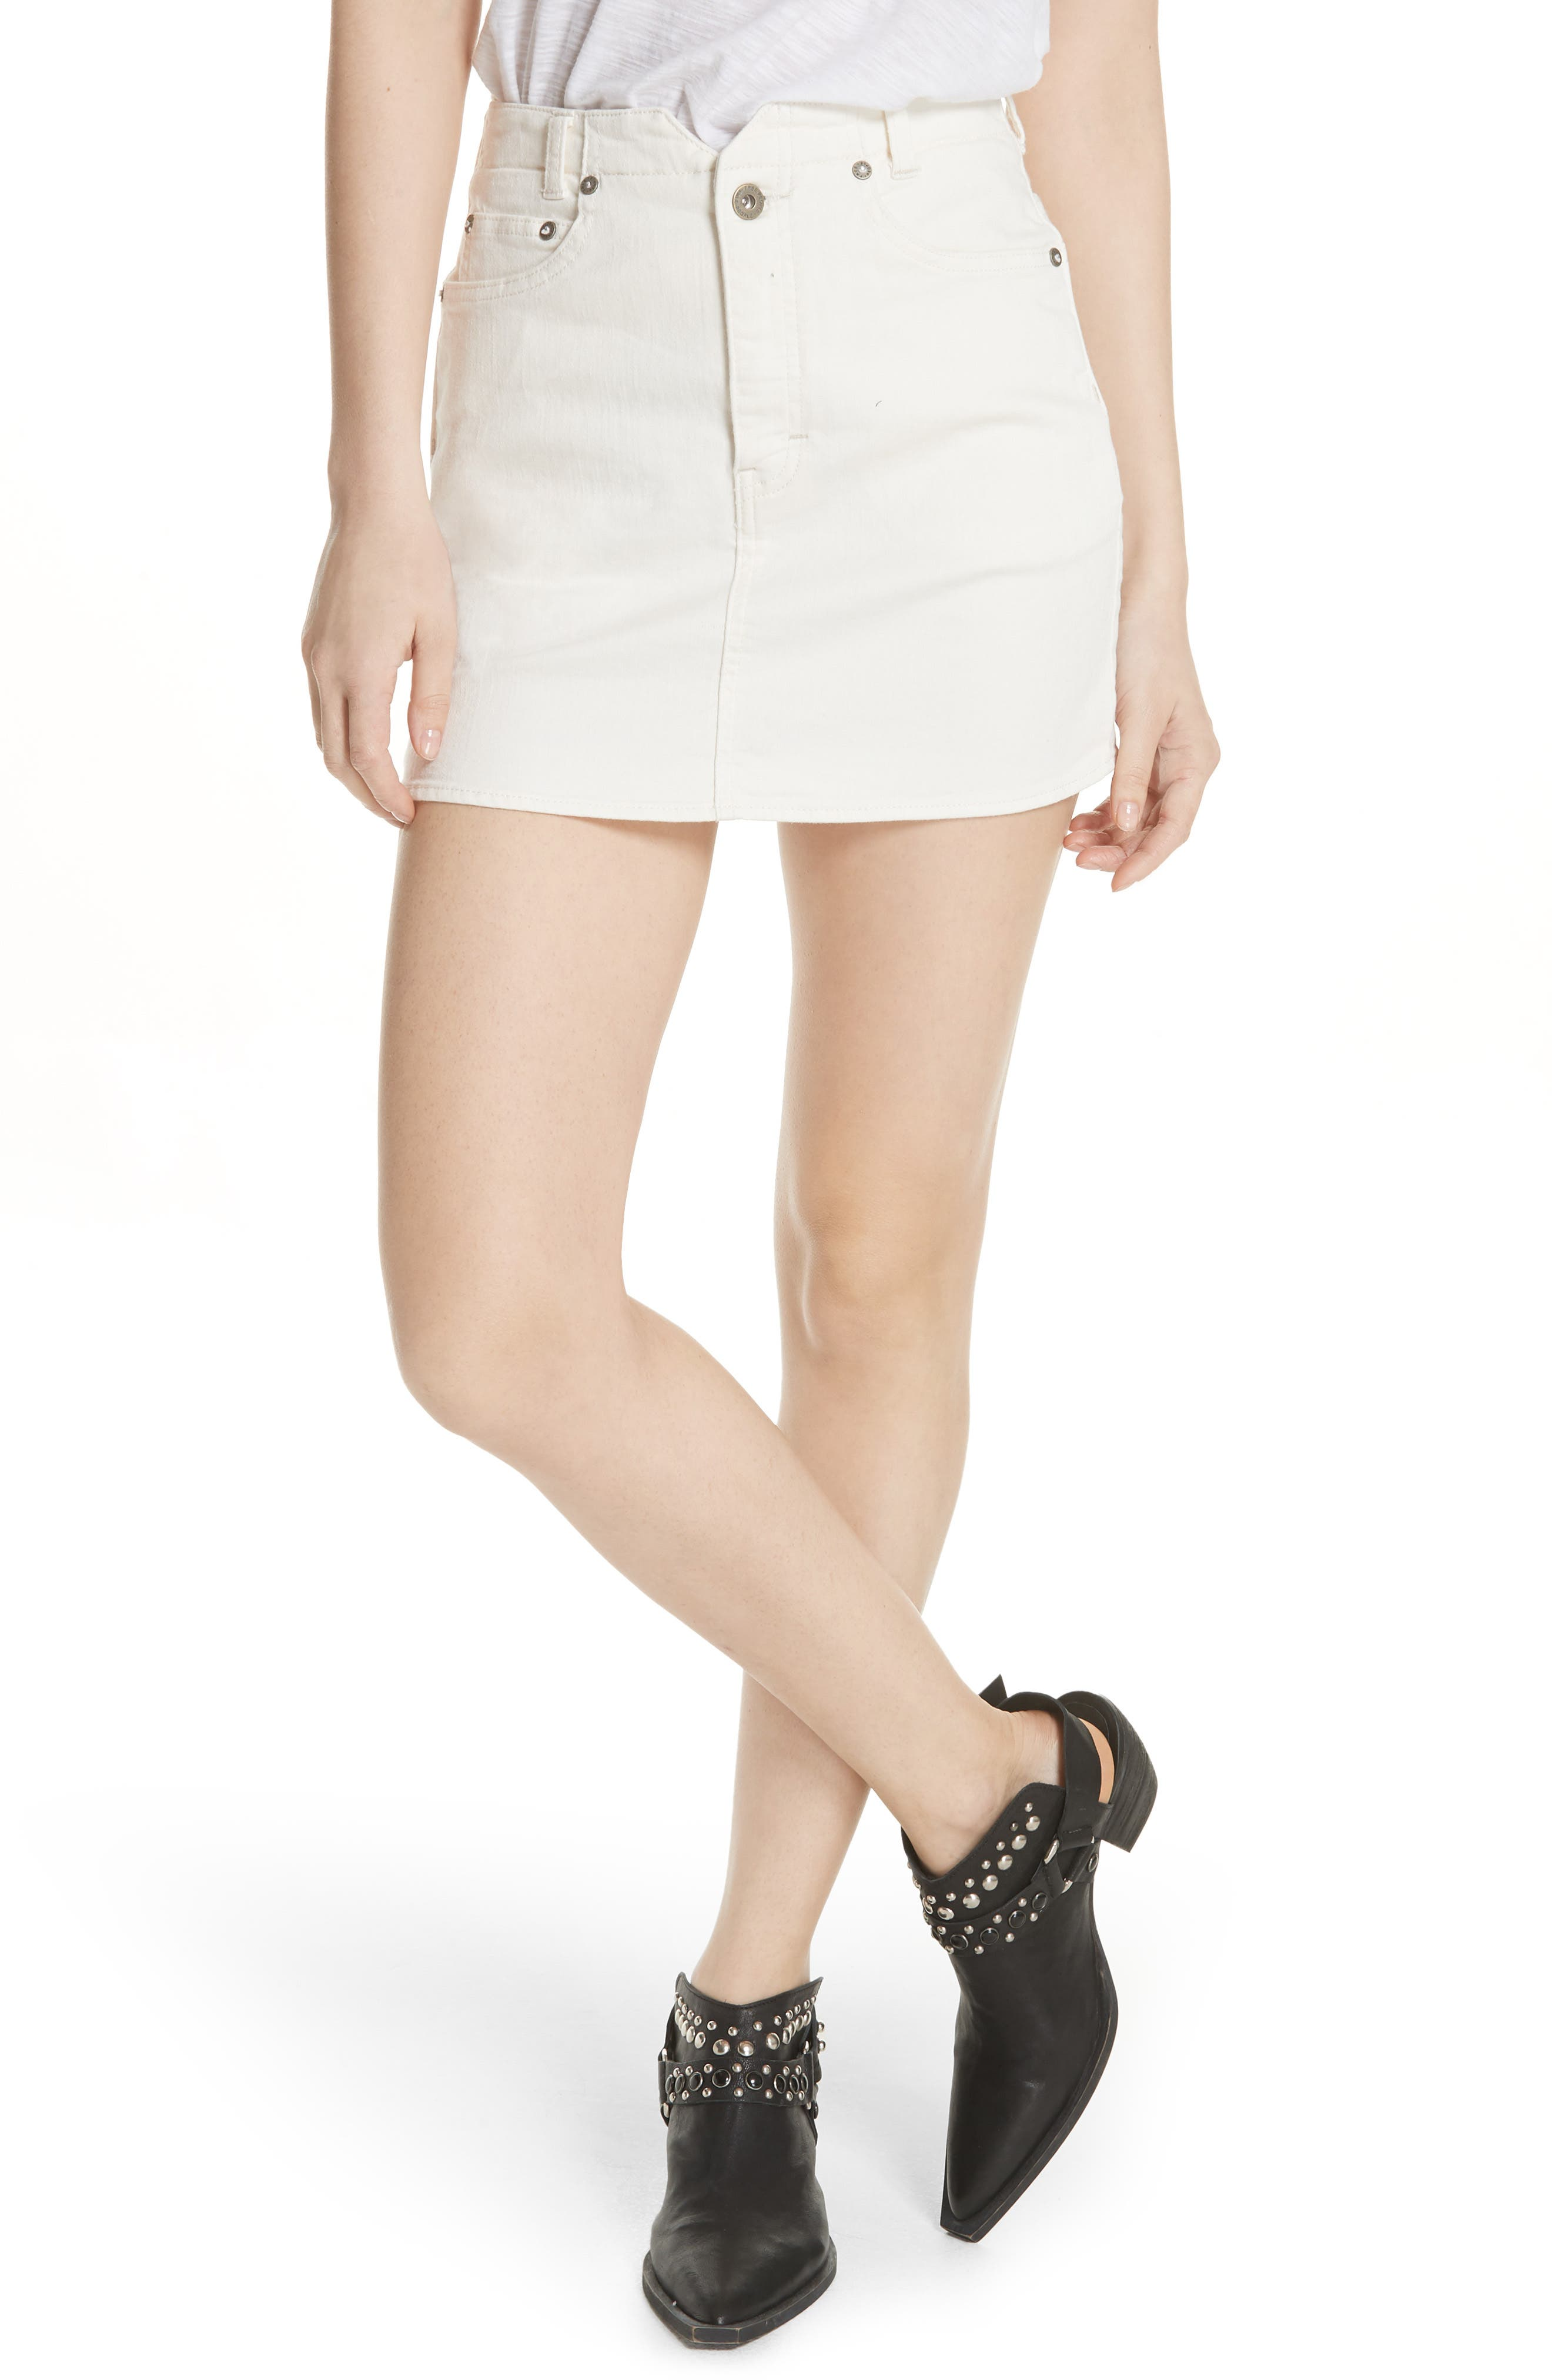 She's All That Denim Skirt,                             Main thumbnail 1, color,                             WHITE